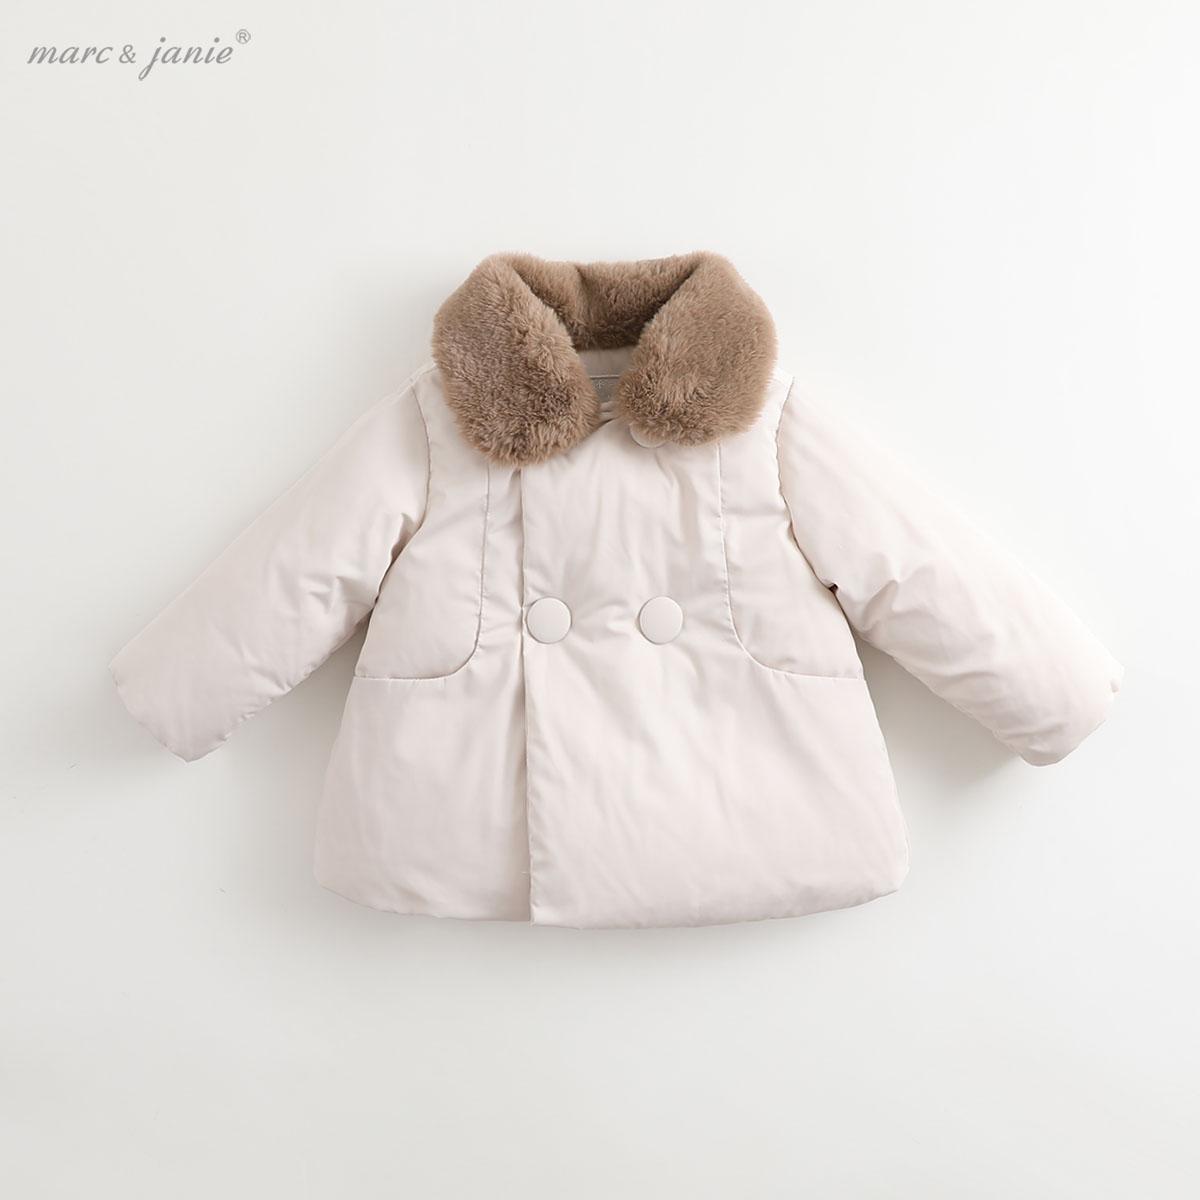 【杜邦生物绒】马克珍妮冬装女童加绒保暖棉衣棉服